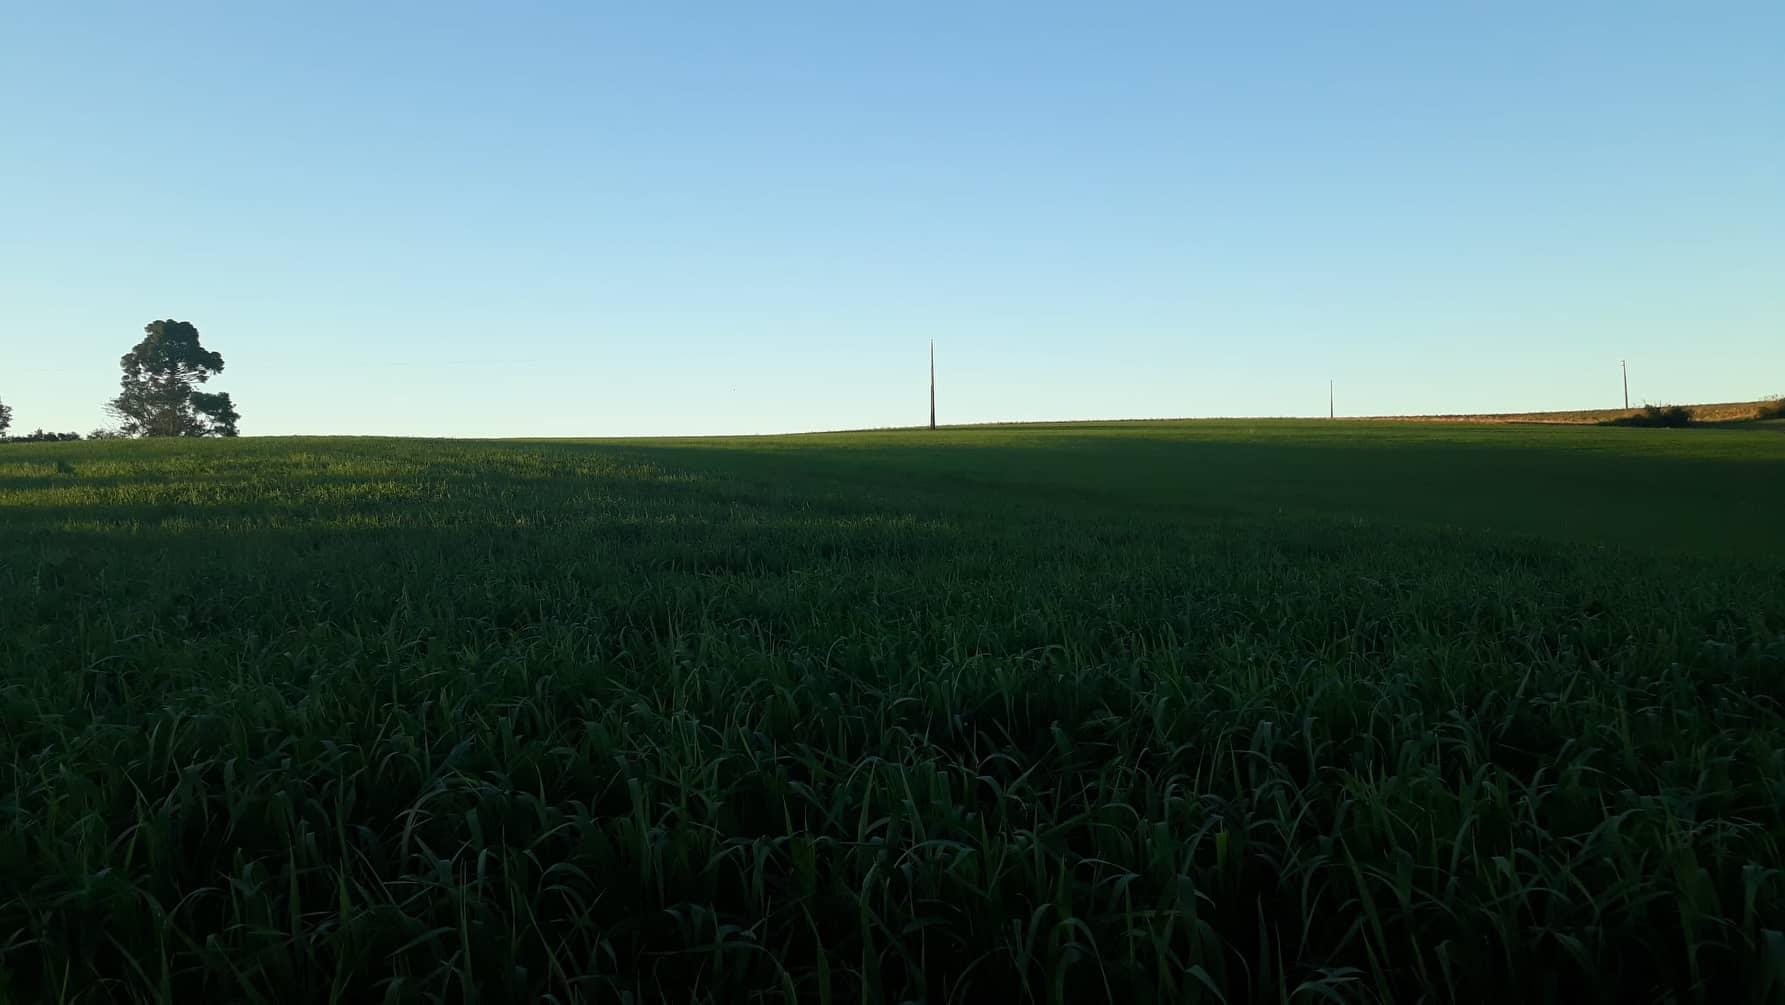 Pesquisa vai caracterizar formas de manejo para reduzir custos de produção no trigo